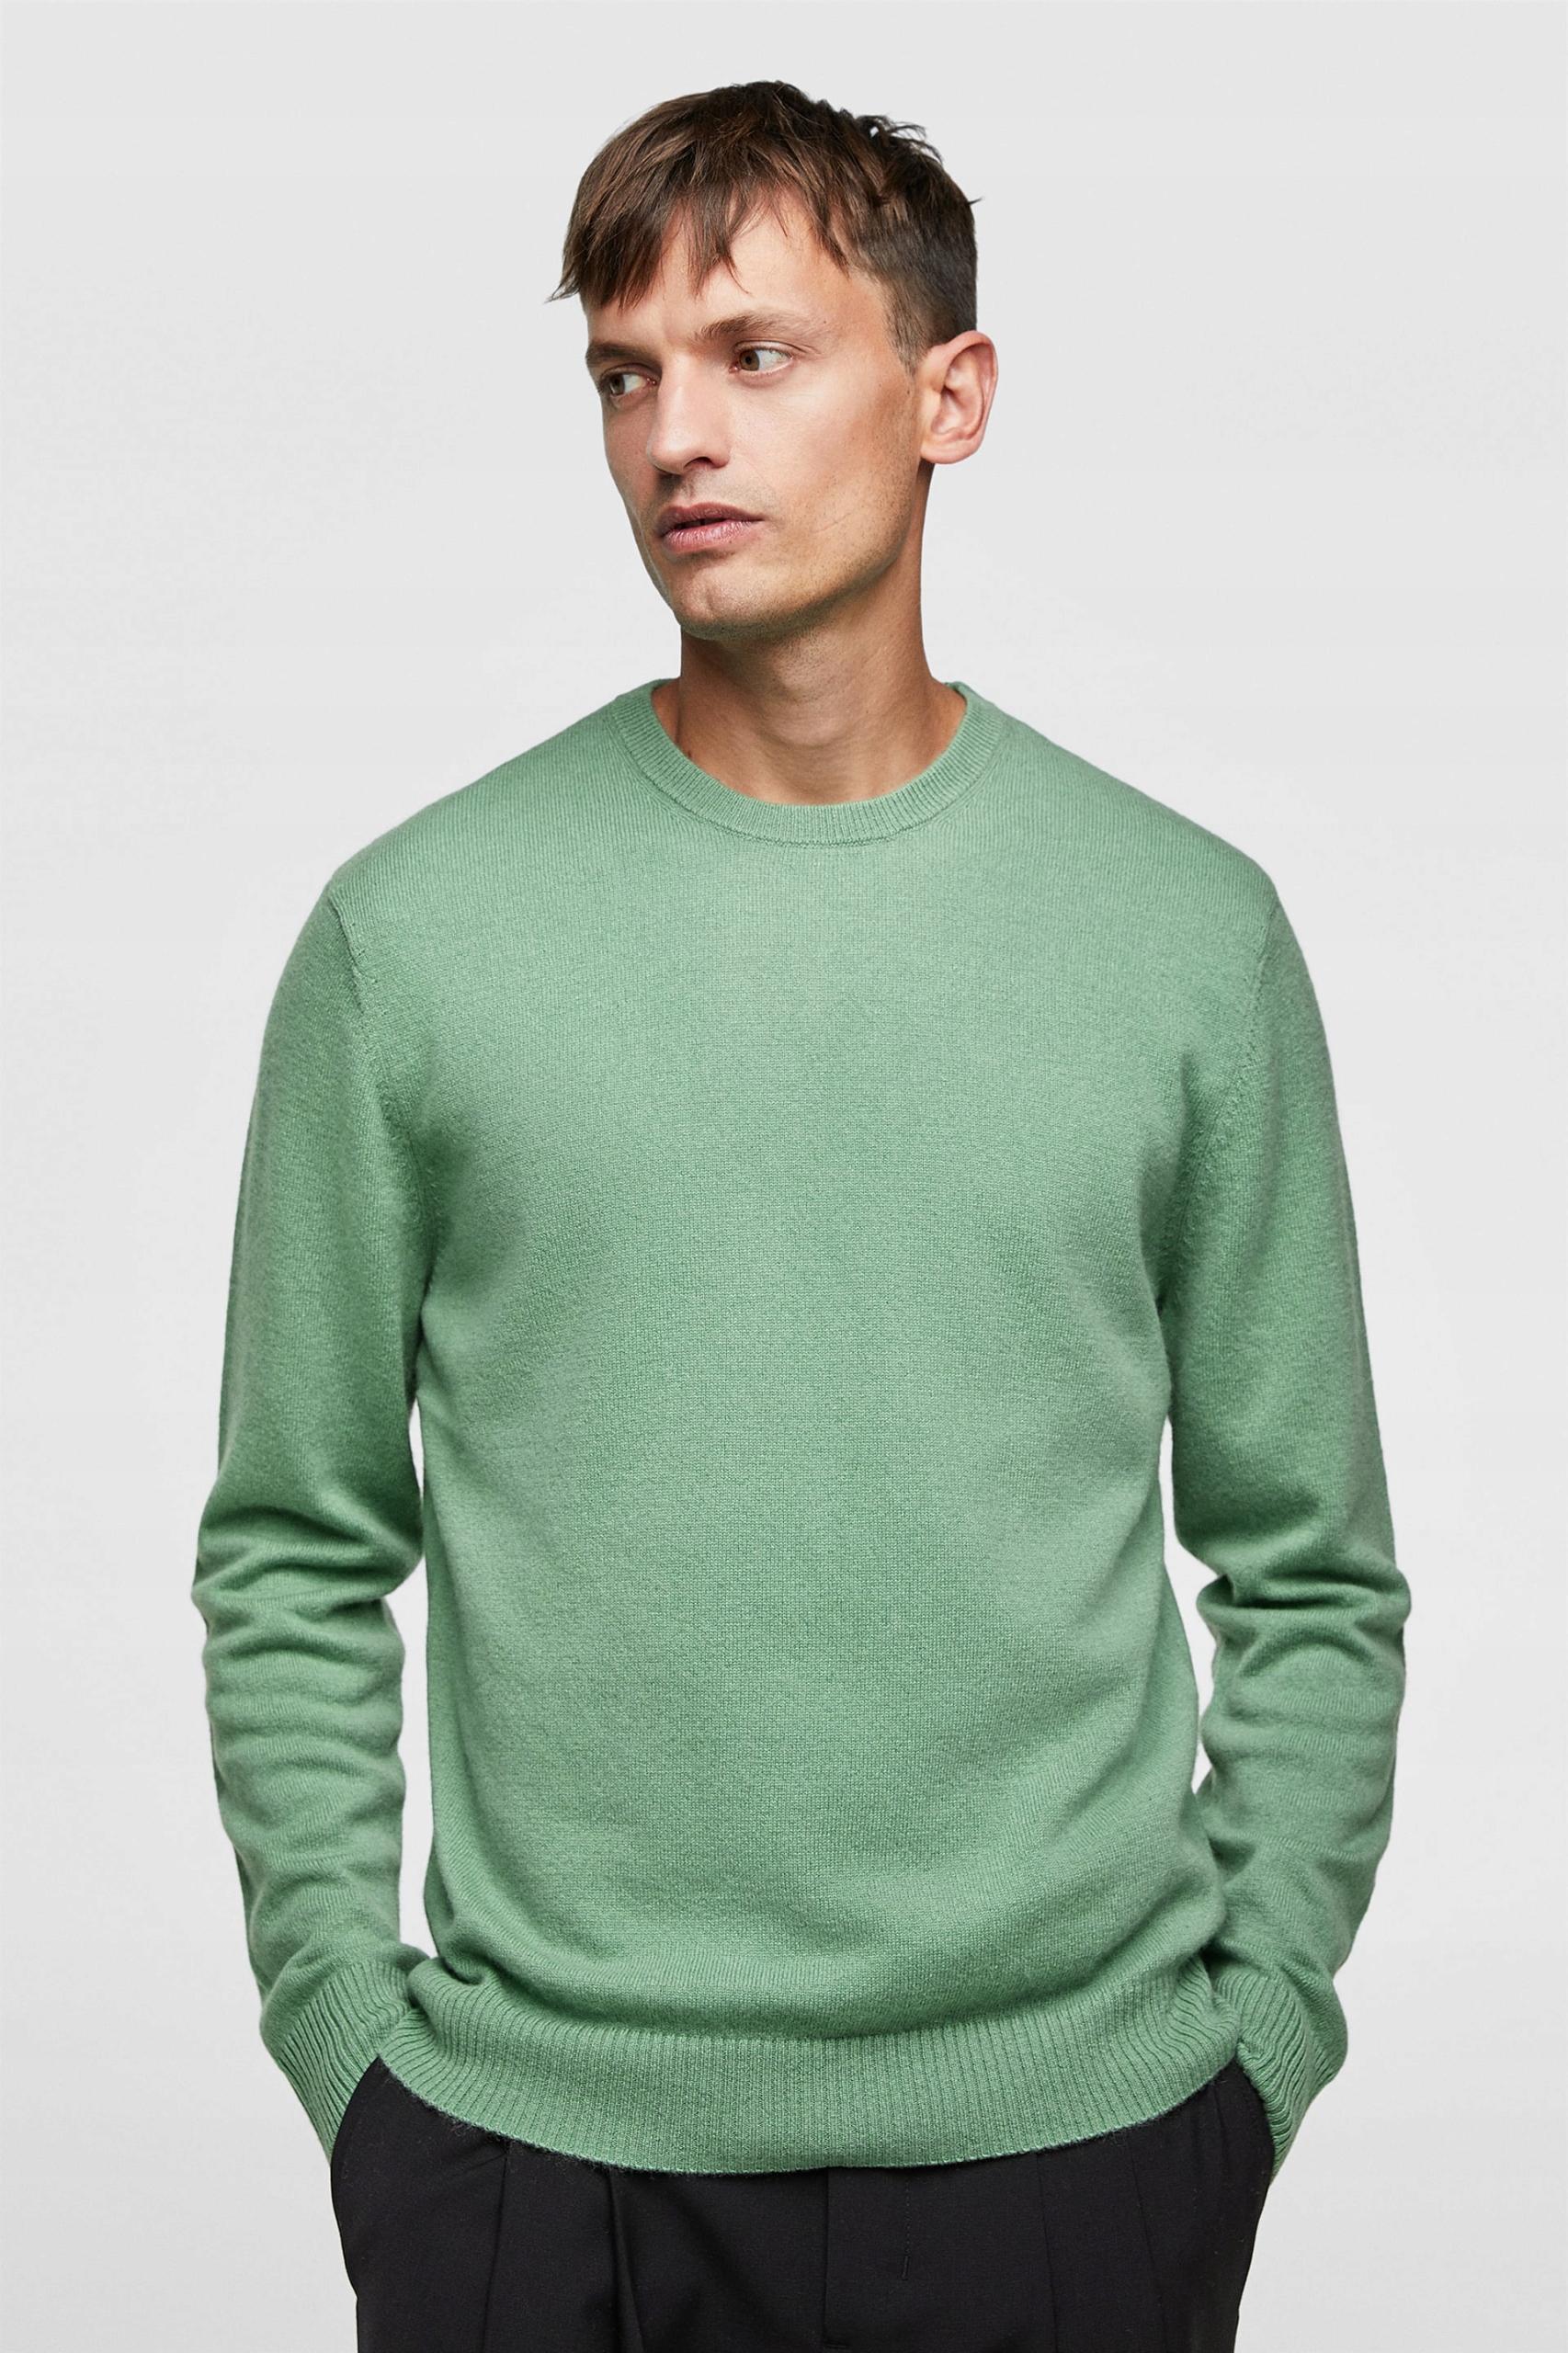 Sweter 100% kaszmir ZARA M nowy